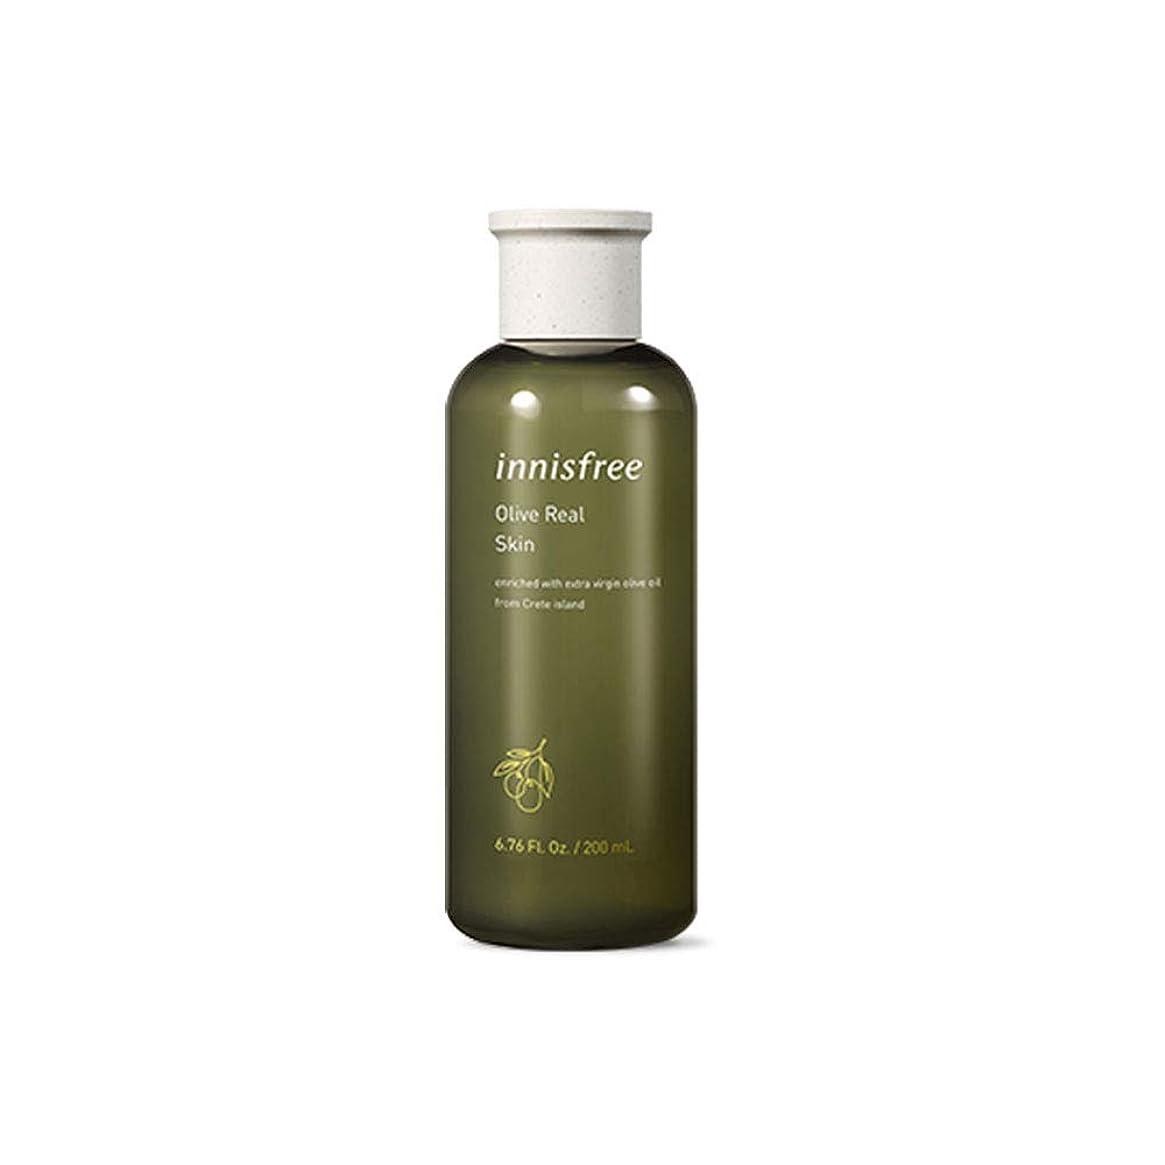 軽食シュート失速NEW[イニスフリー] Innisfree オリーブ リアル スキンEX (200ml) Innisfree Olive Real Skin EX(200ml) [海外直送品]